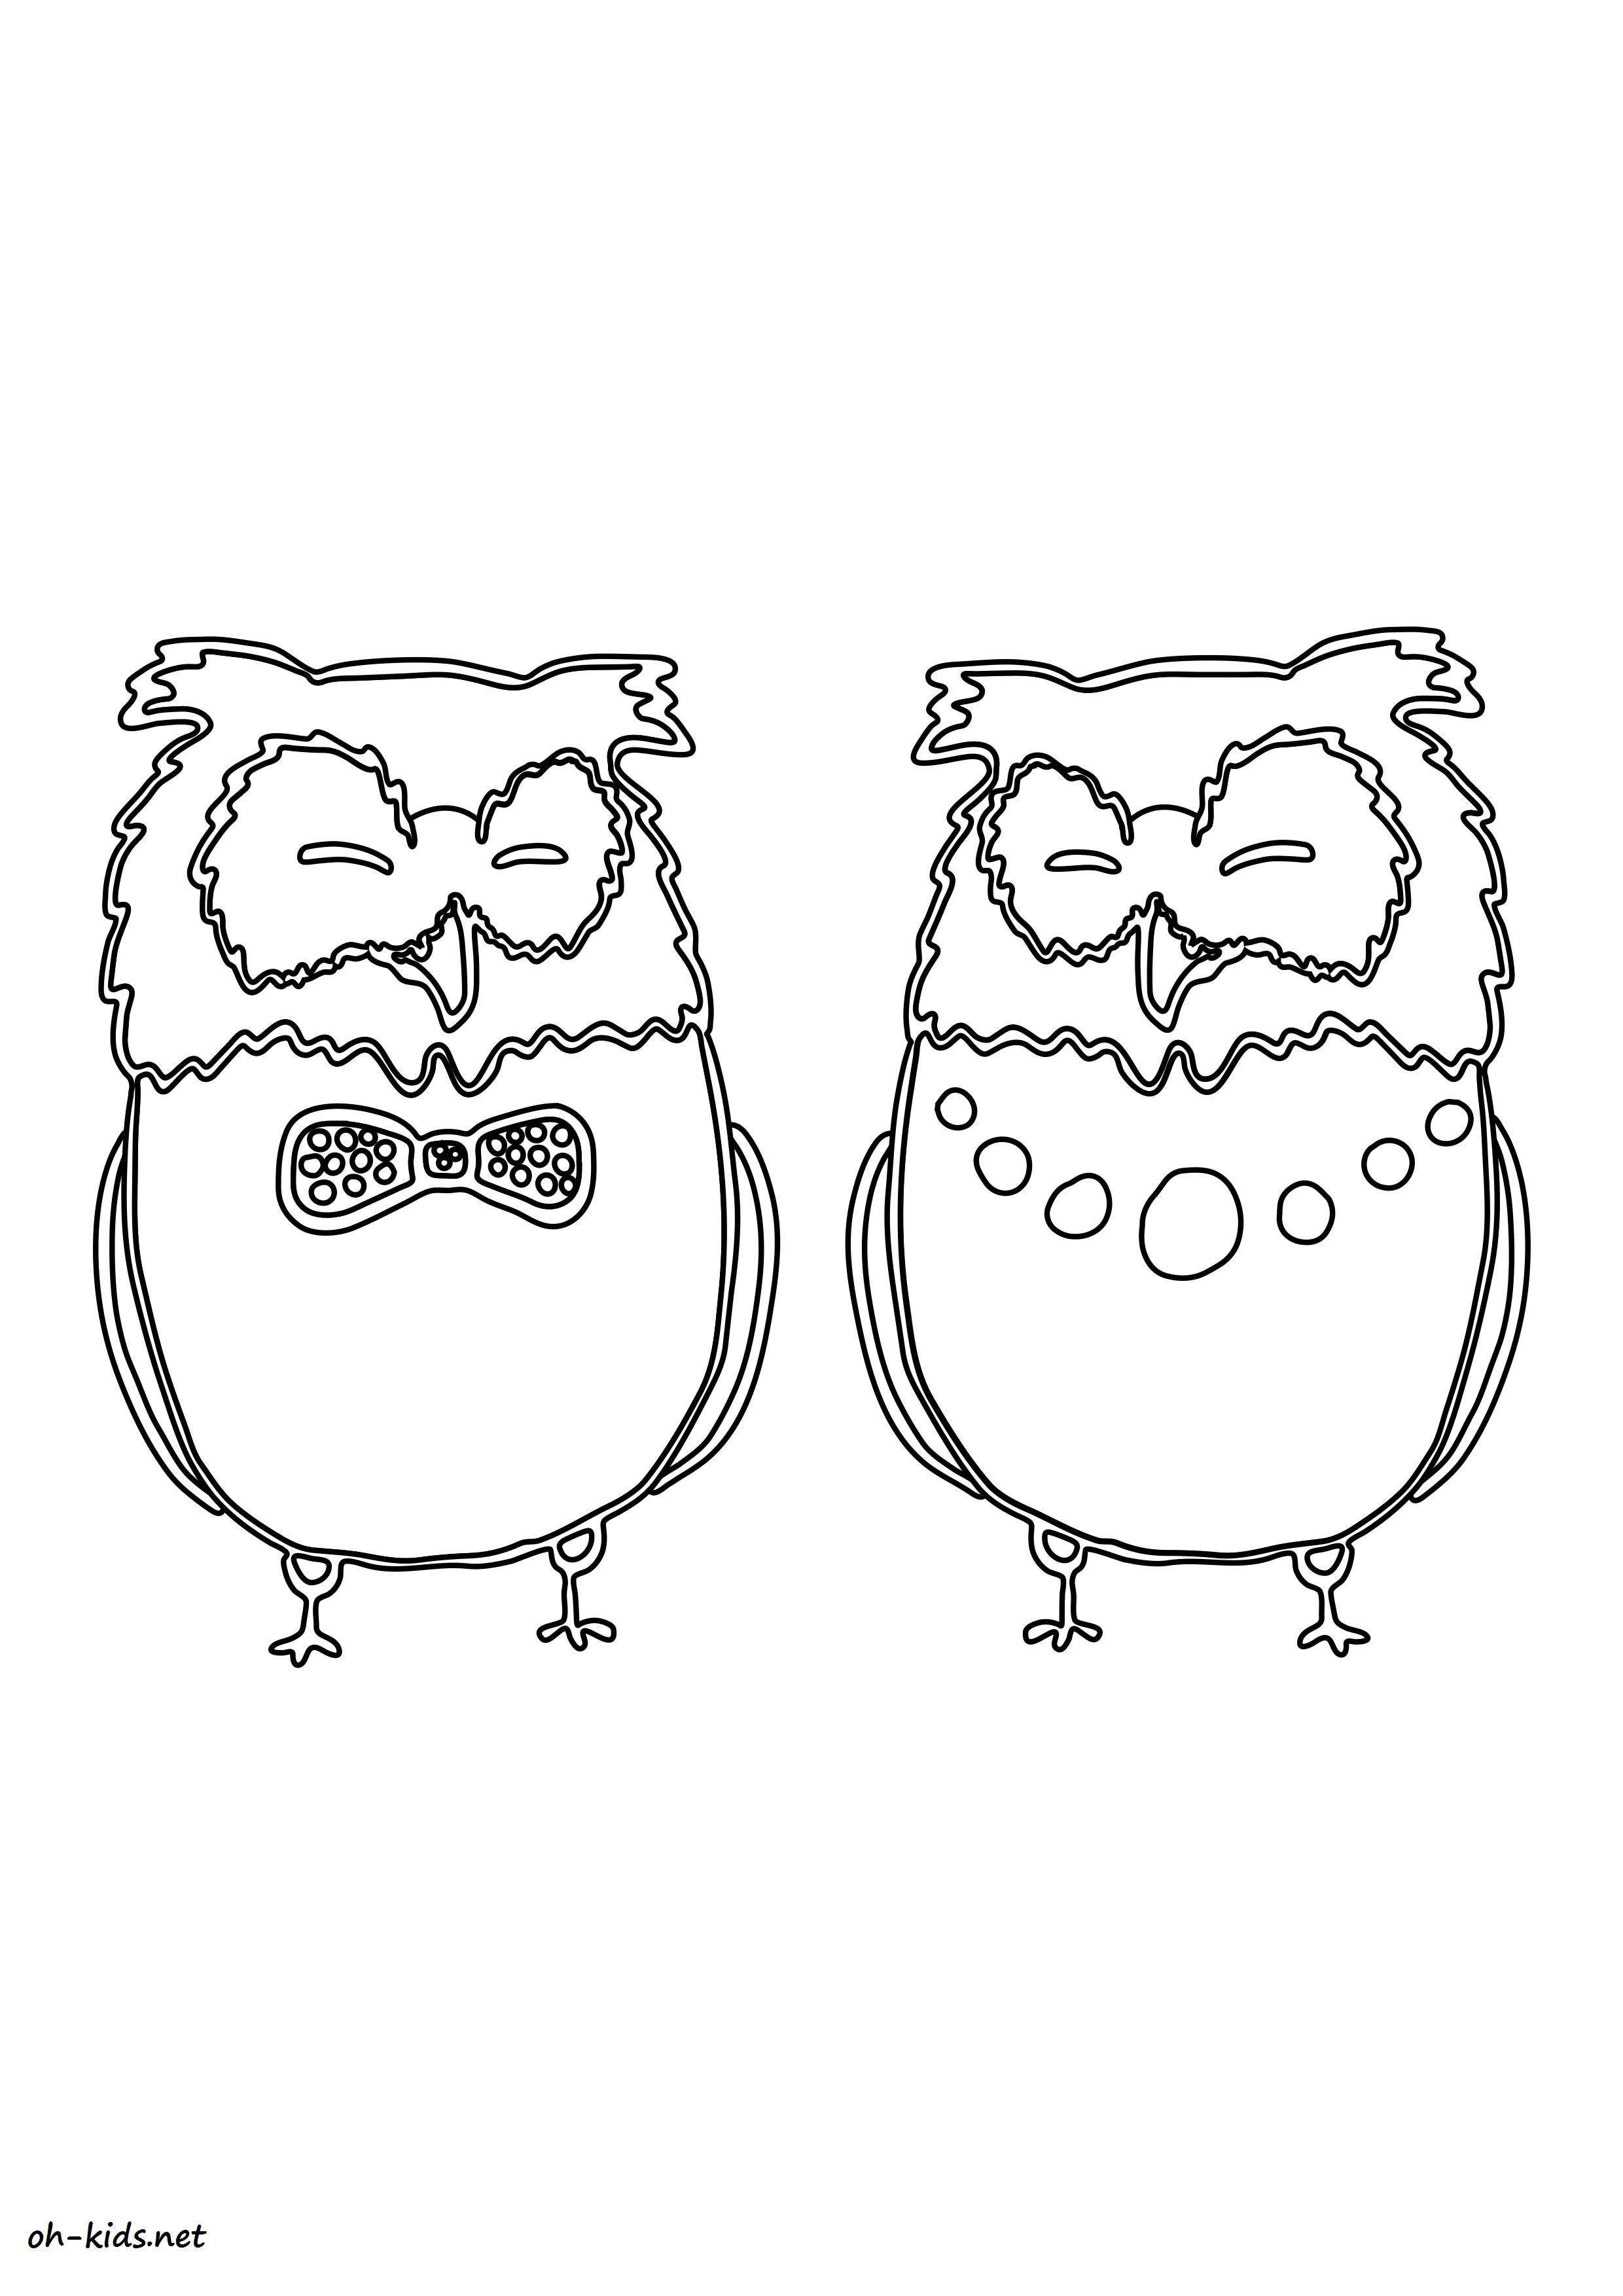 Hibou dessin colorier - Dessin de hibou ...